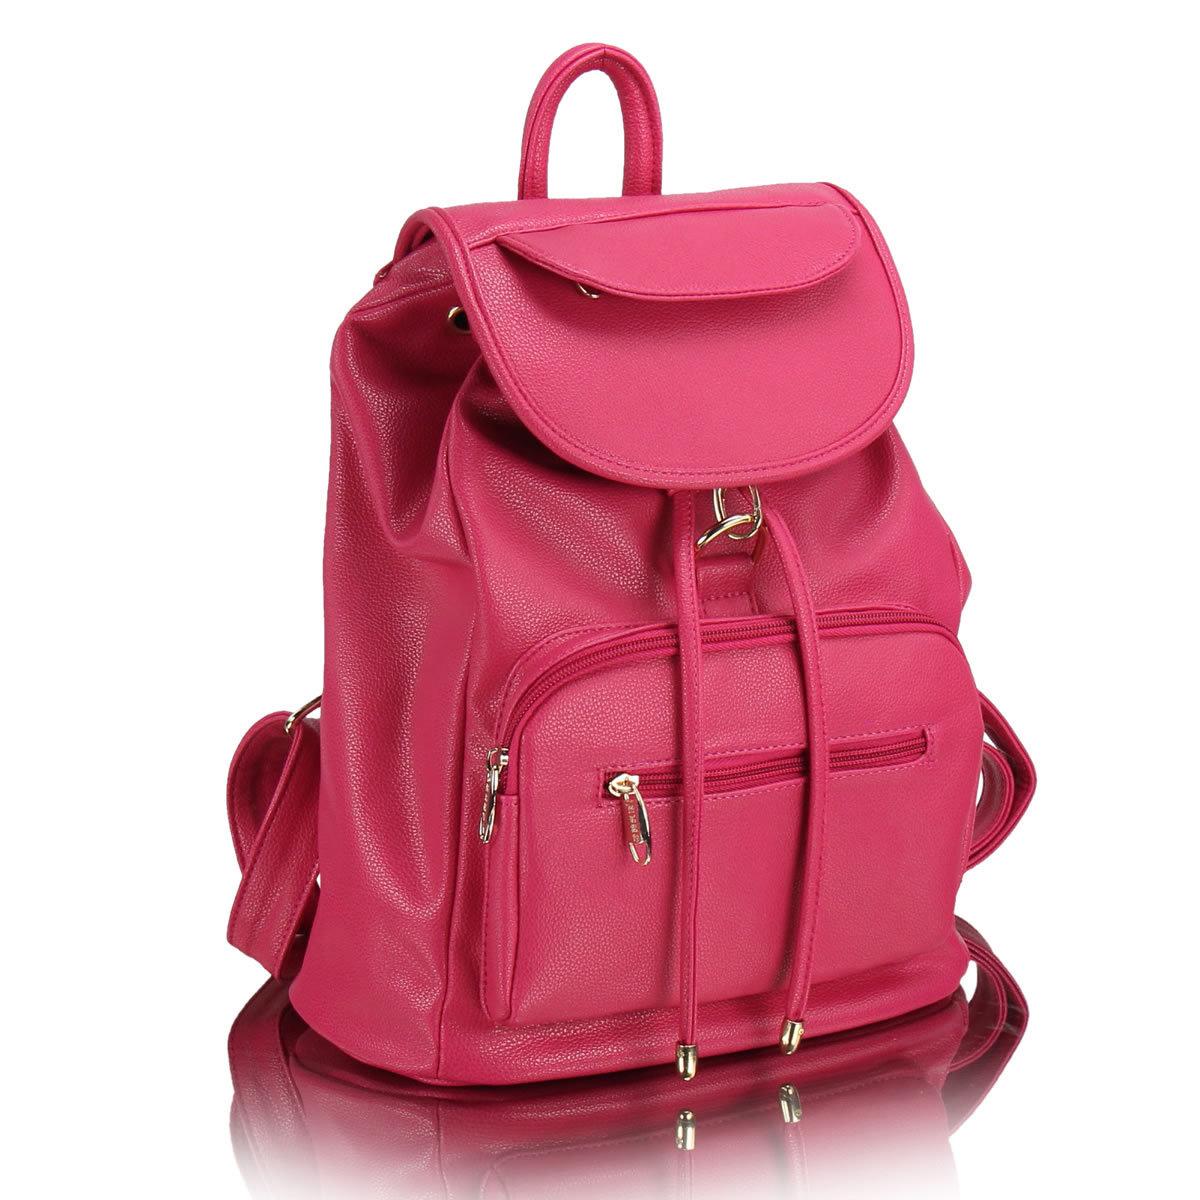 اجمل الحقائب النسائية و المدرسية 2013 2012-vintage-fashion